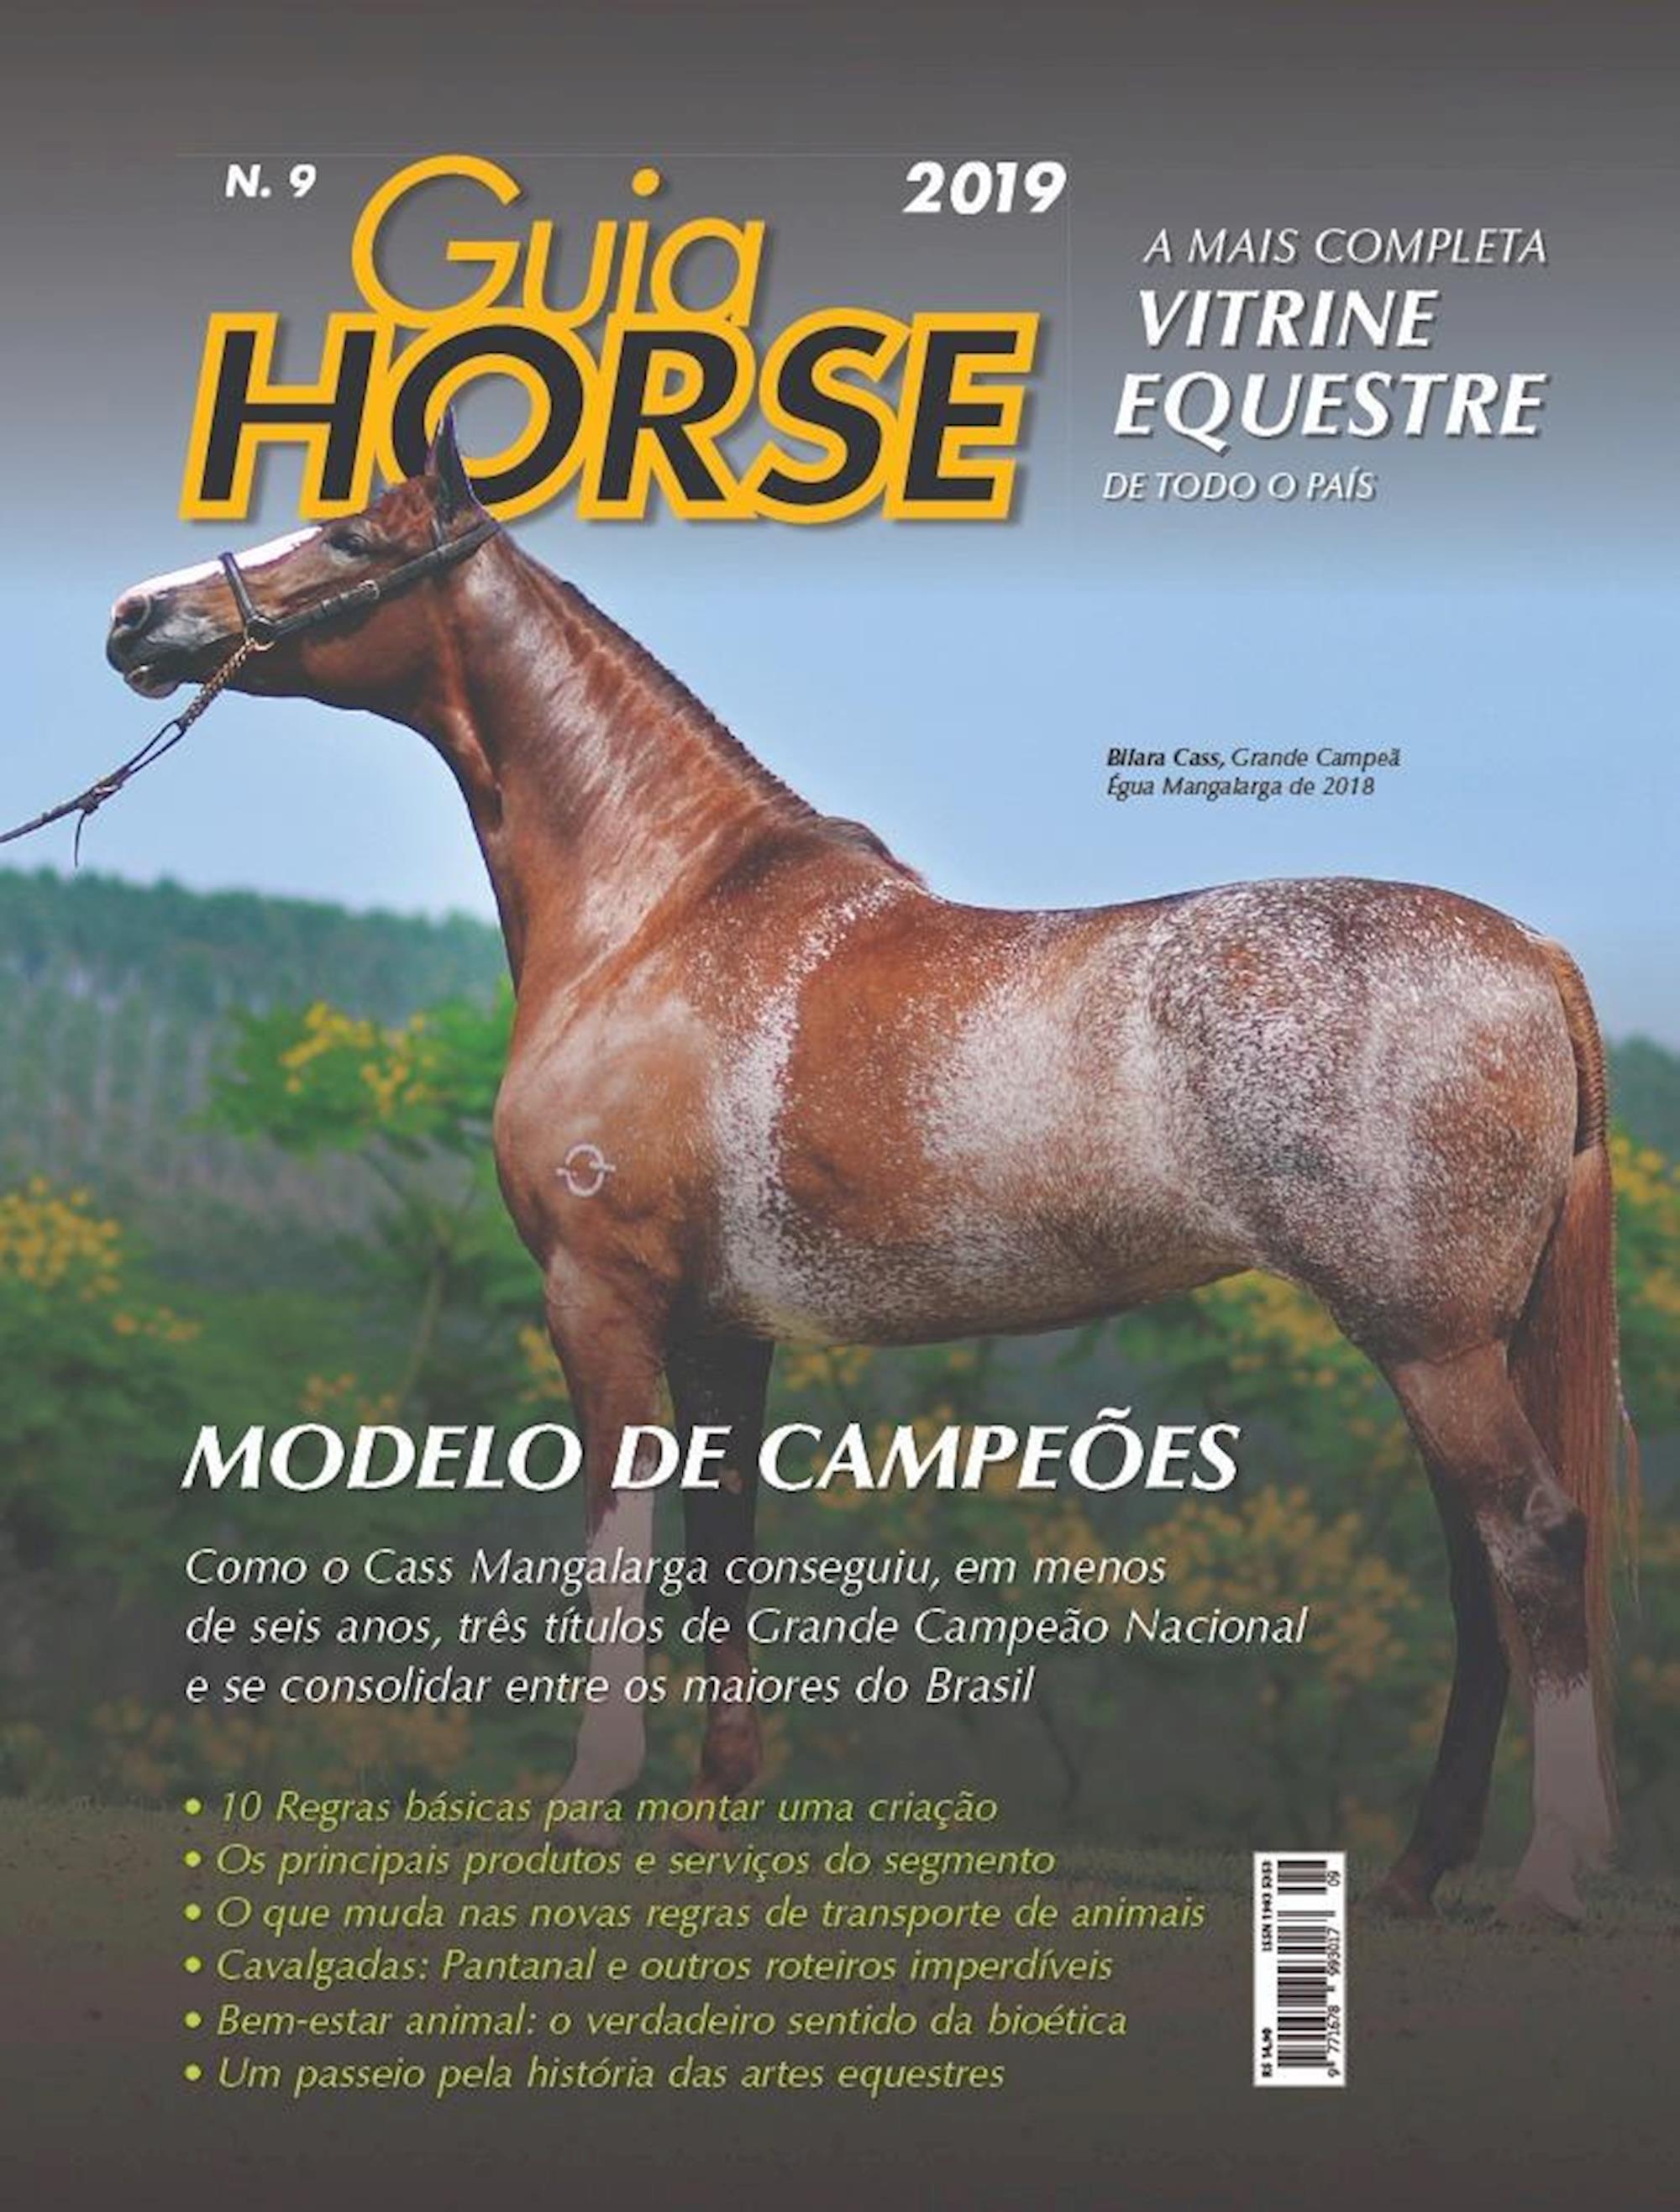 guia horse 2019, edições,